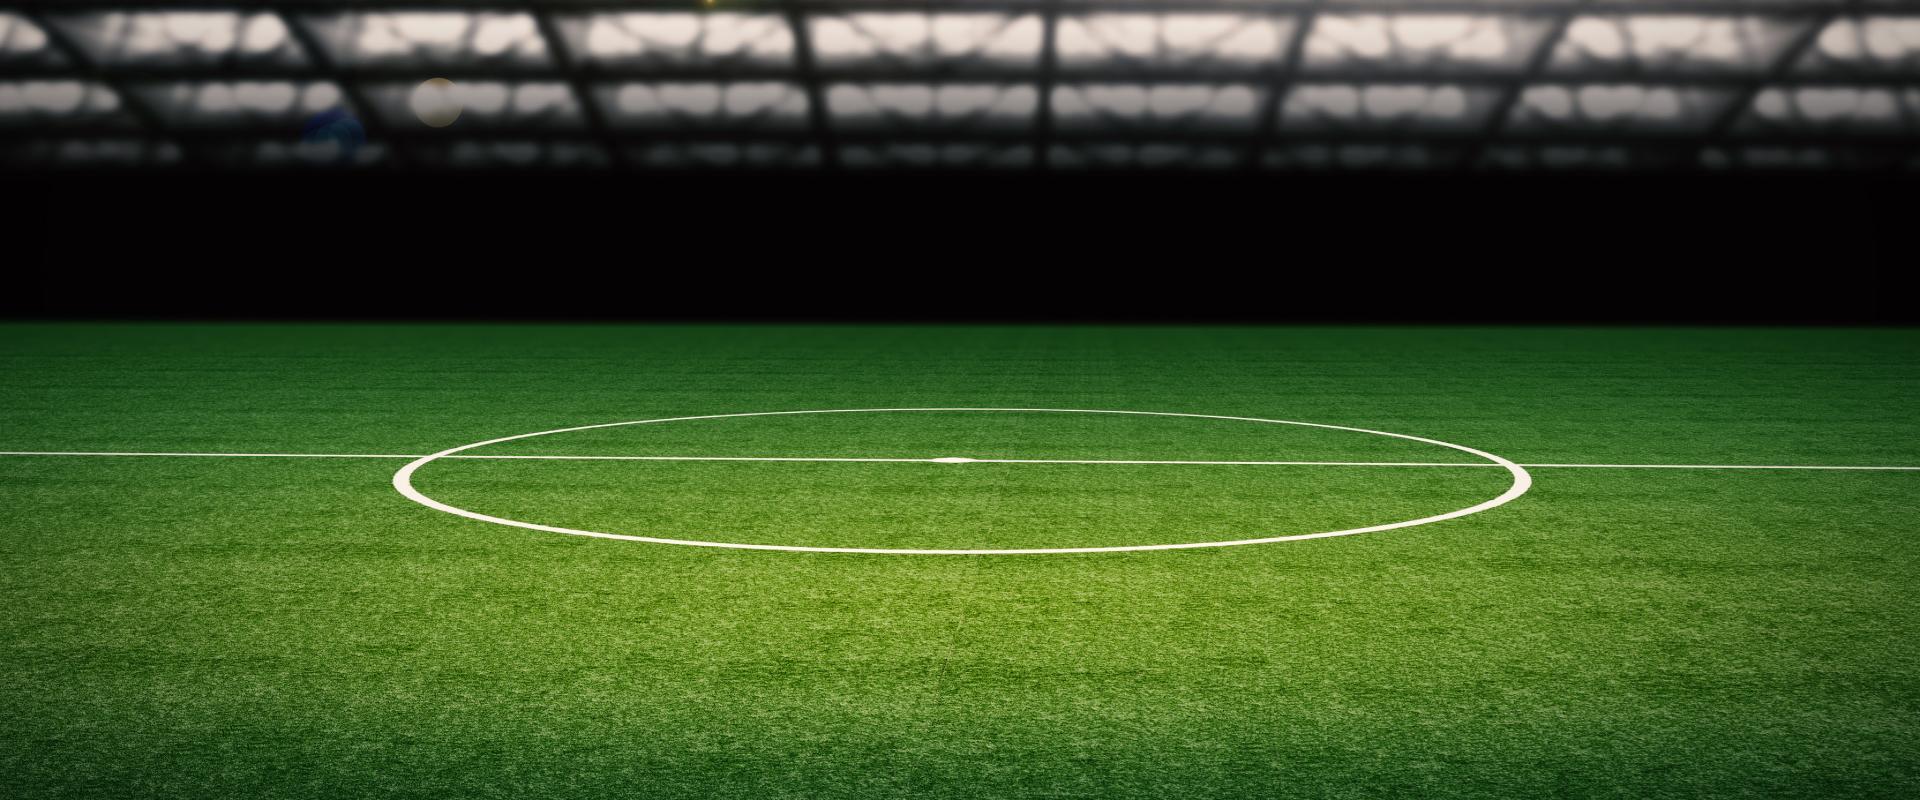 est u00e1dio de futebol centro de atletismo est u00e1dio grass